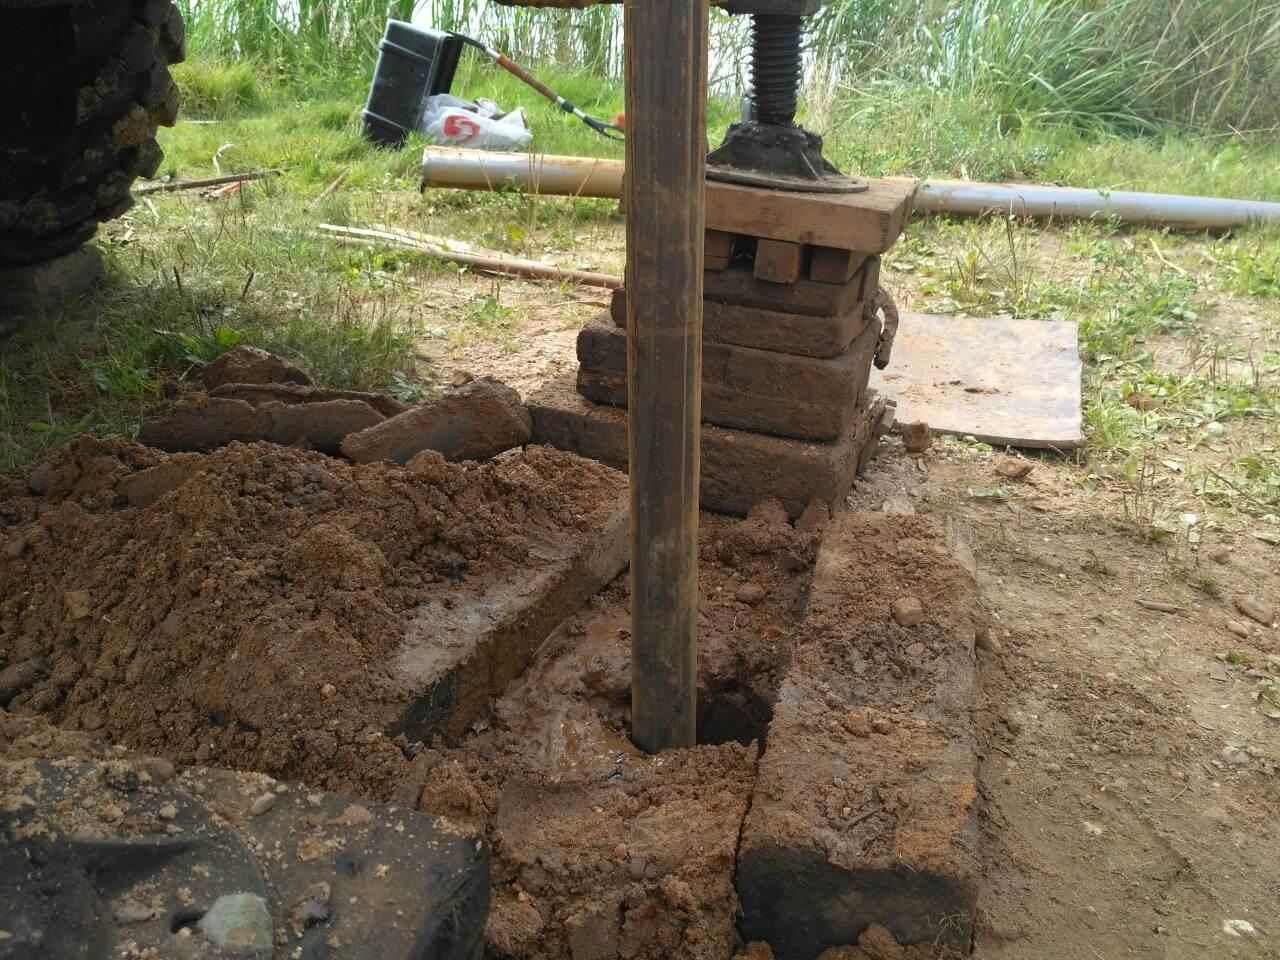 Геология Участка под Строительство - Цена в Смоленске и Области | Гео-Смоленск